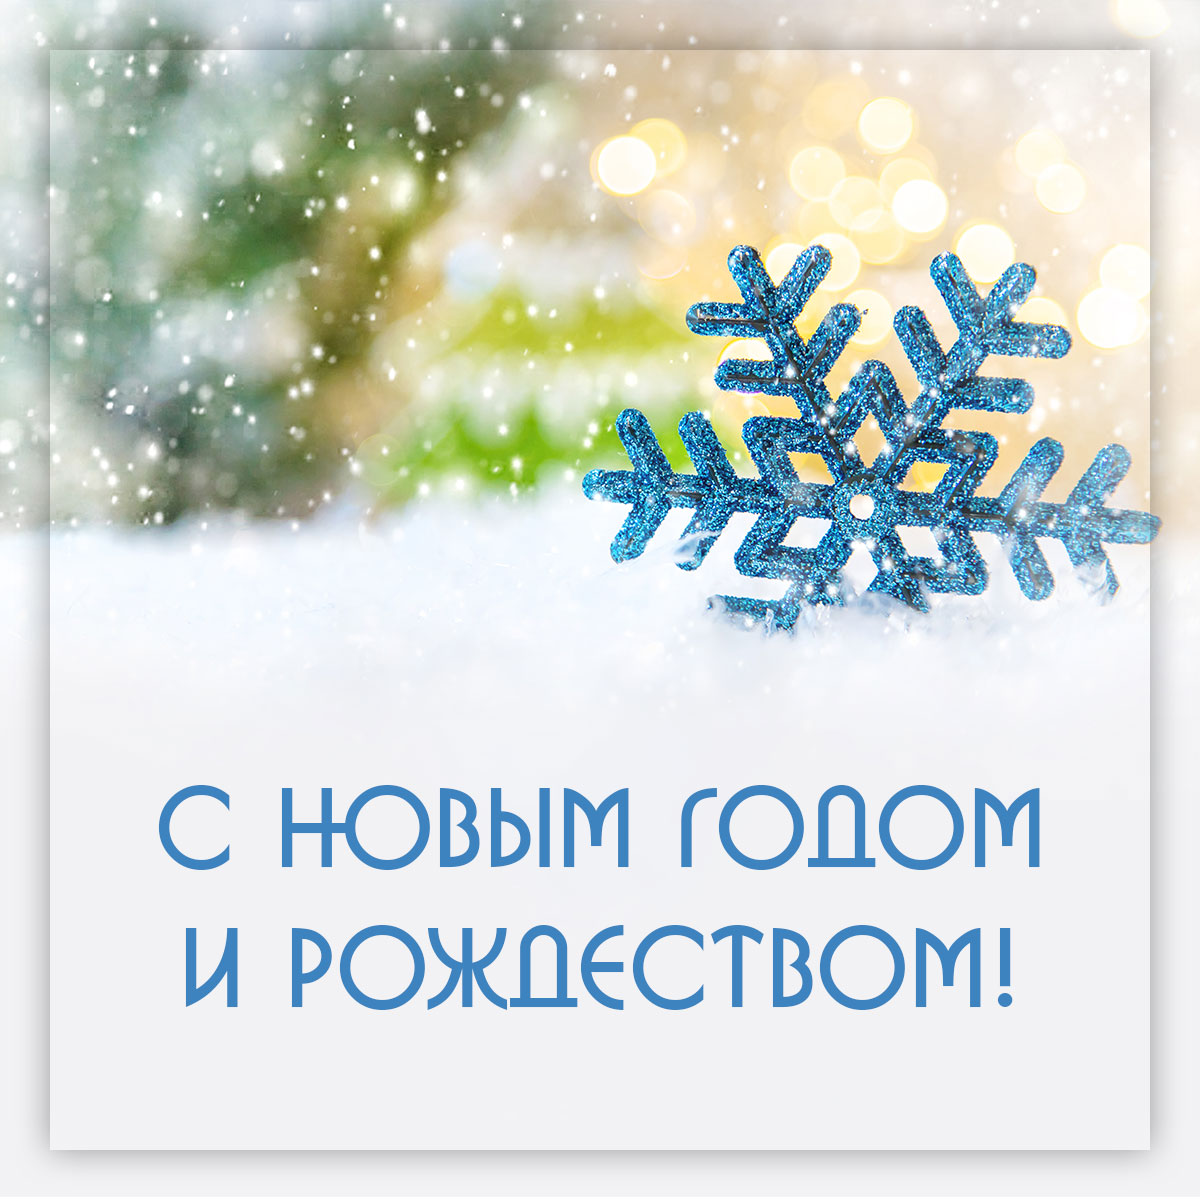 Зимняя картинка снежинки с поздравительным текстом.